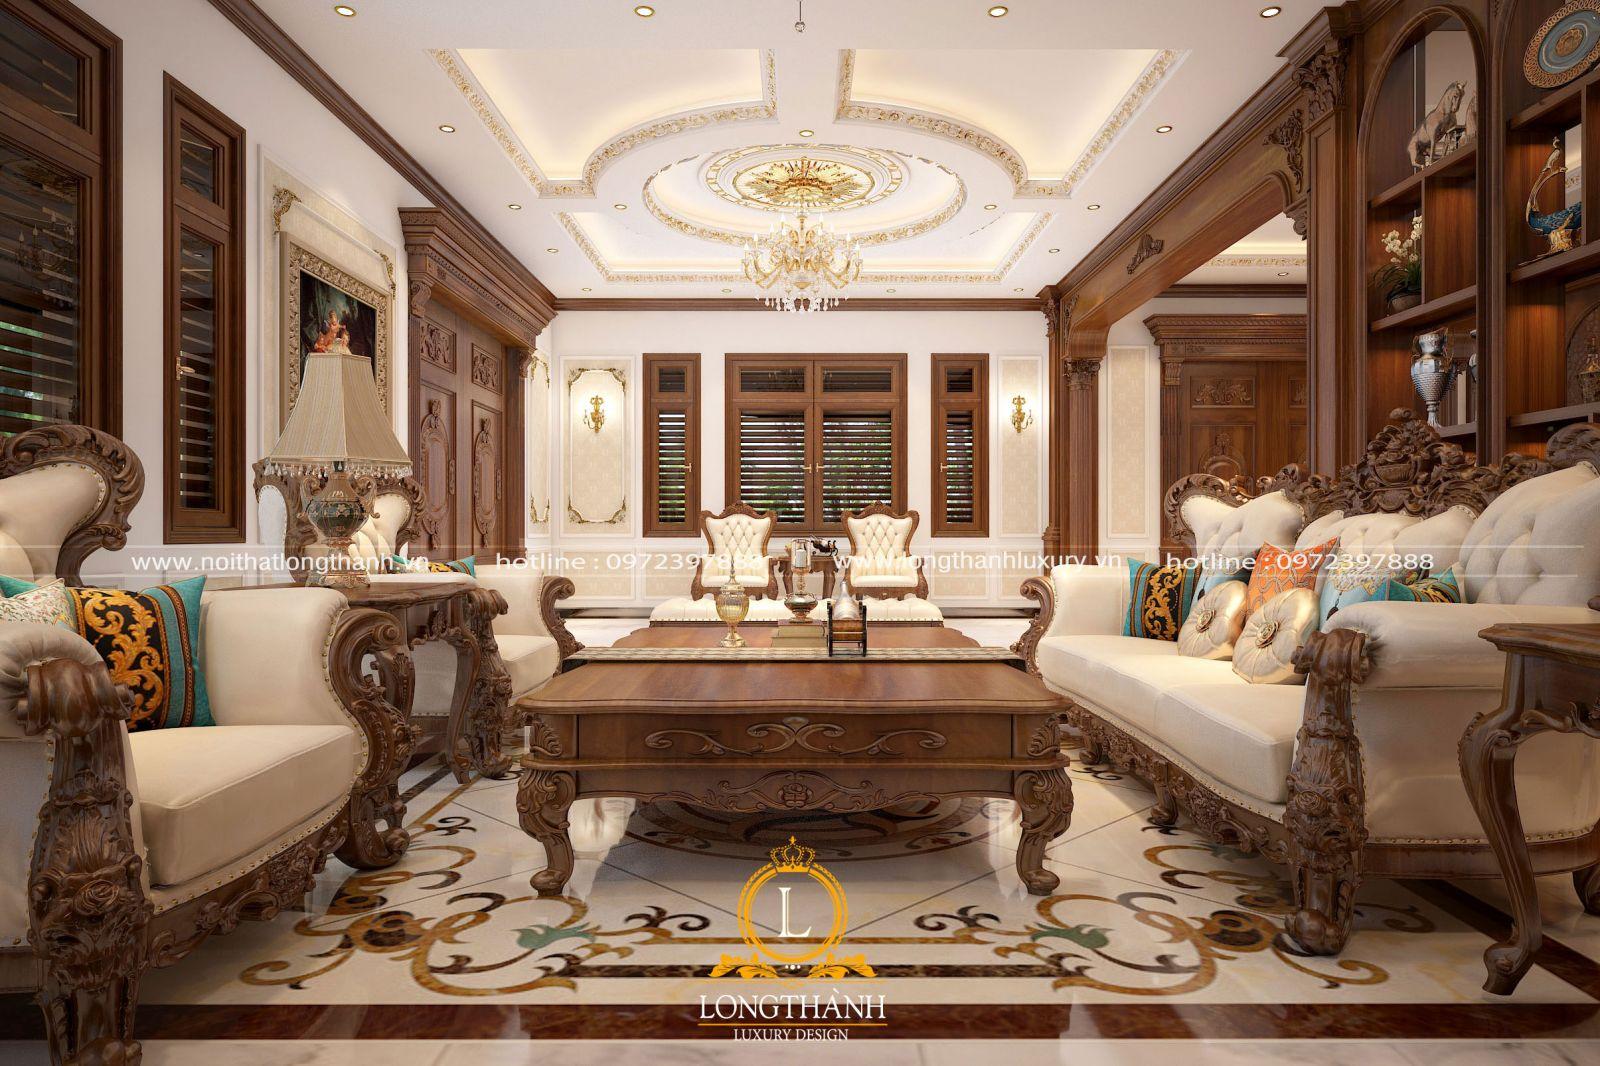 Thiết kế nội thất tân cổ điển tạo nên vẻ đẹp sang trọng đẳng cấp